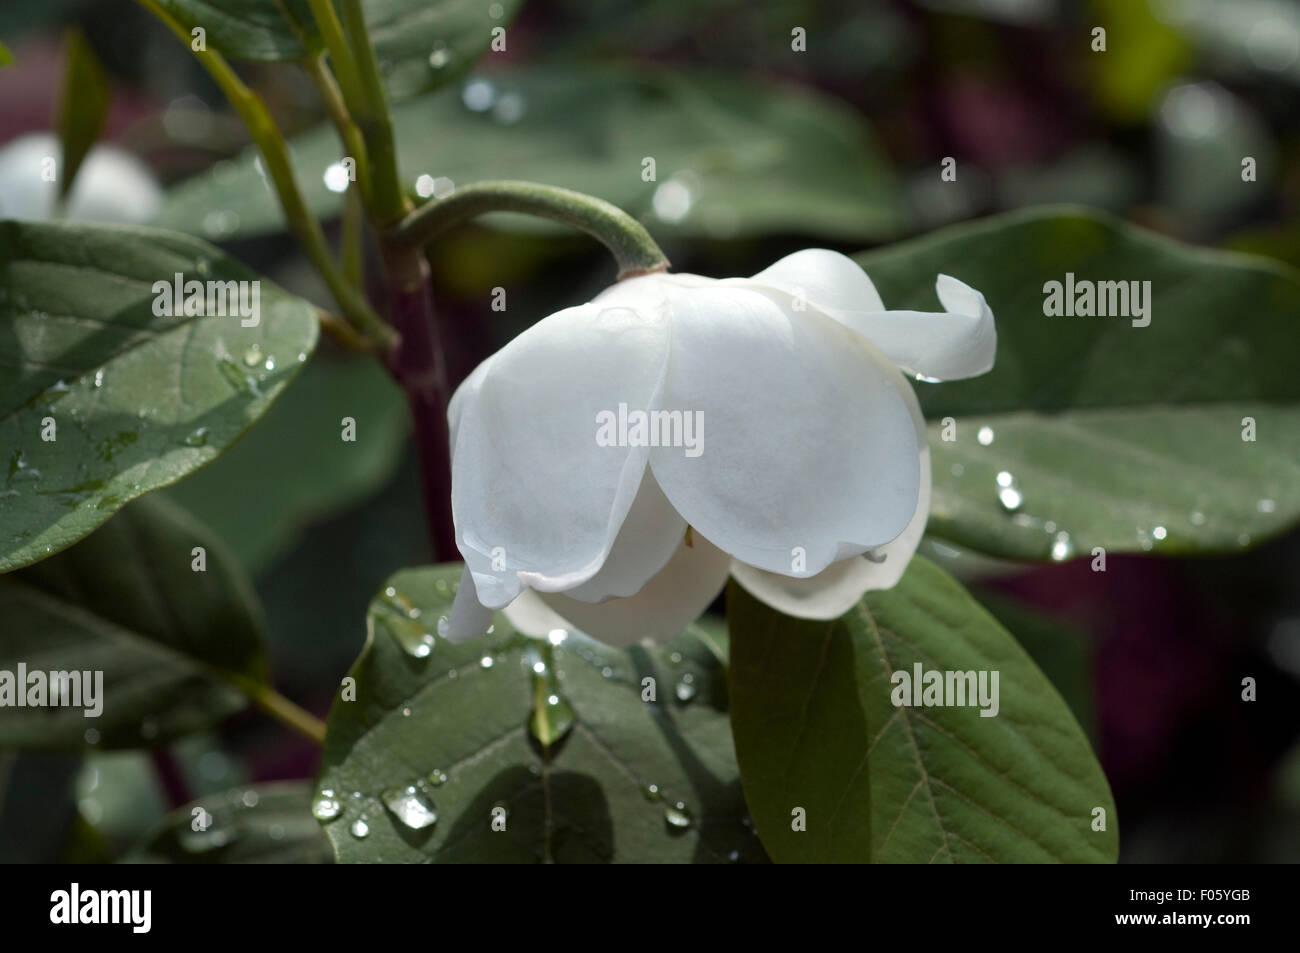 magnolie stockfotos magnolie bilder alamy. Black Bedroom Furniture Sets. Home Design Ideas